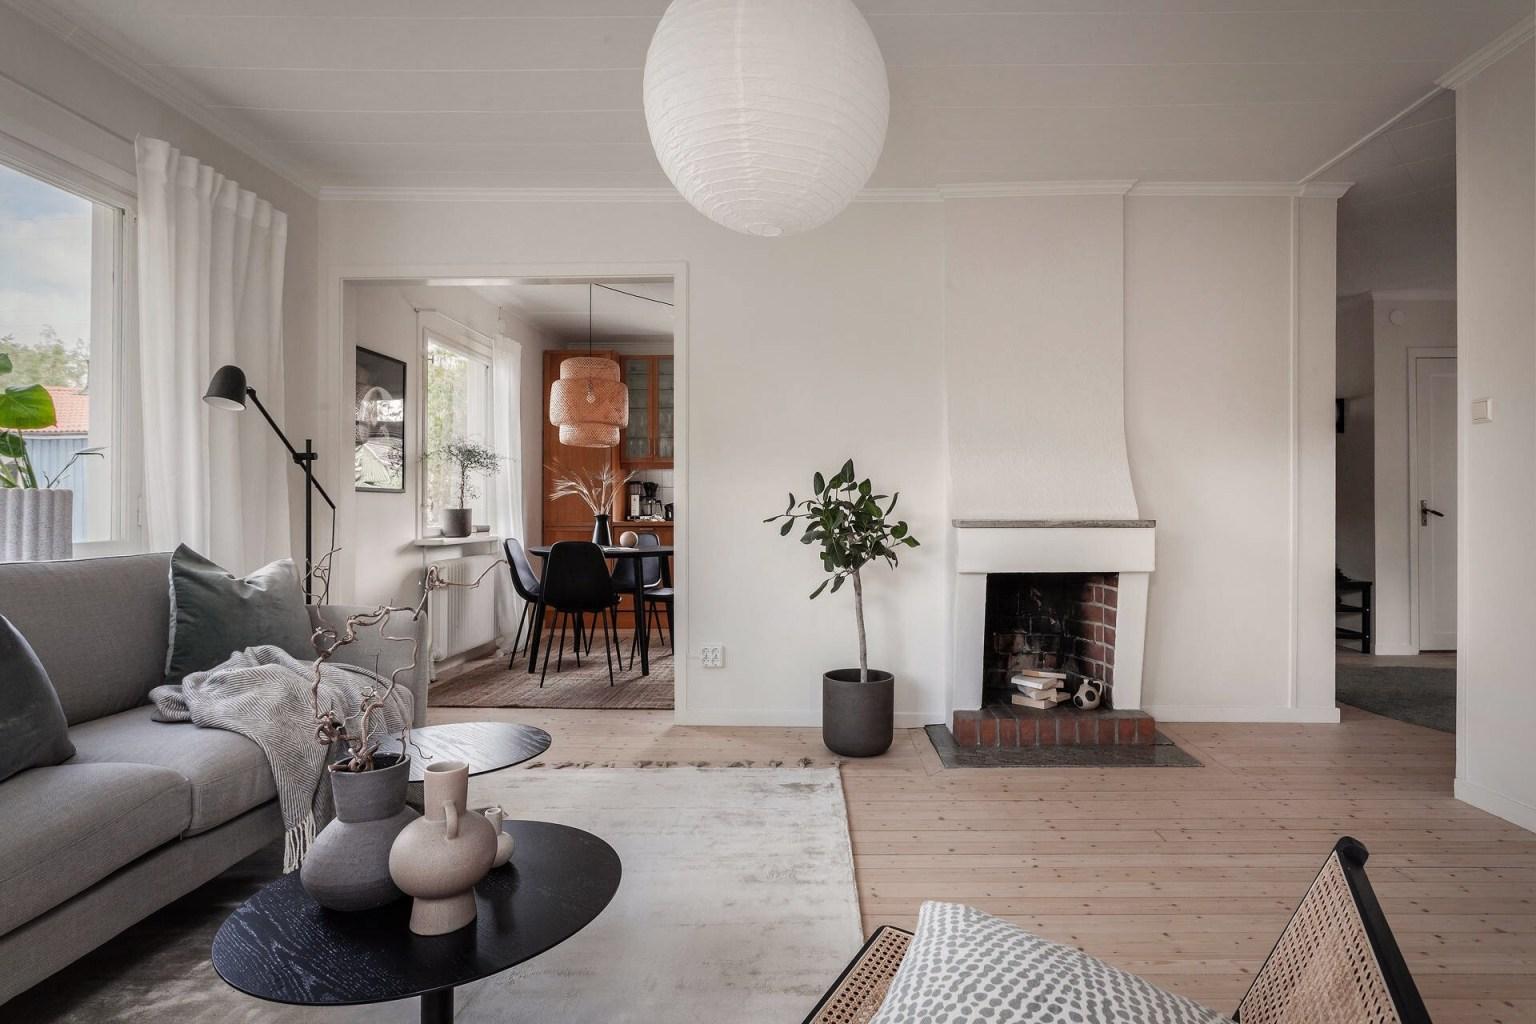 """11 living room fireplace 1605688715251221632789 - Căn nhà cấp 4 màu xanh da trời nhìn ngoài thì bình thường mà bên trong khiến ai cũng """"sững sờ"""""""